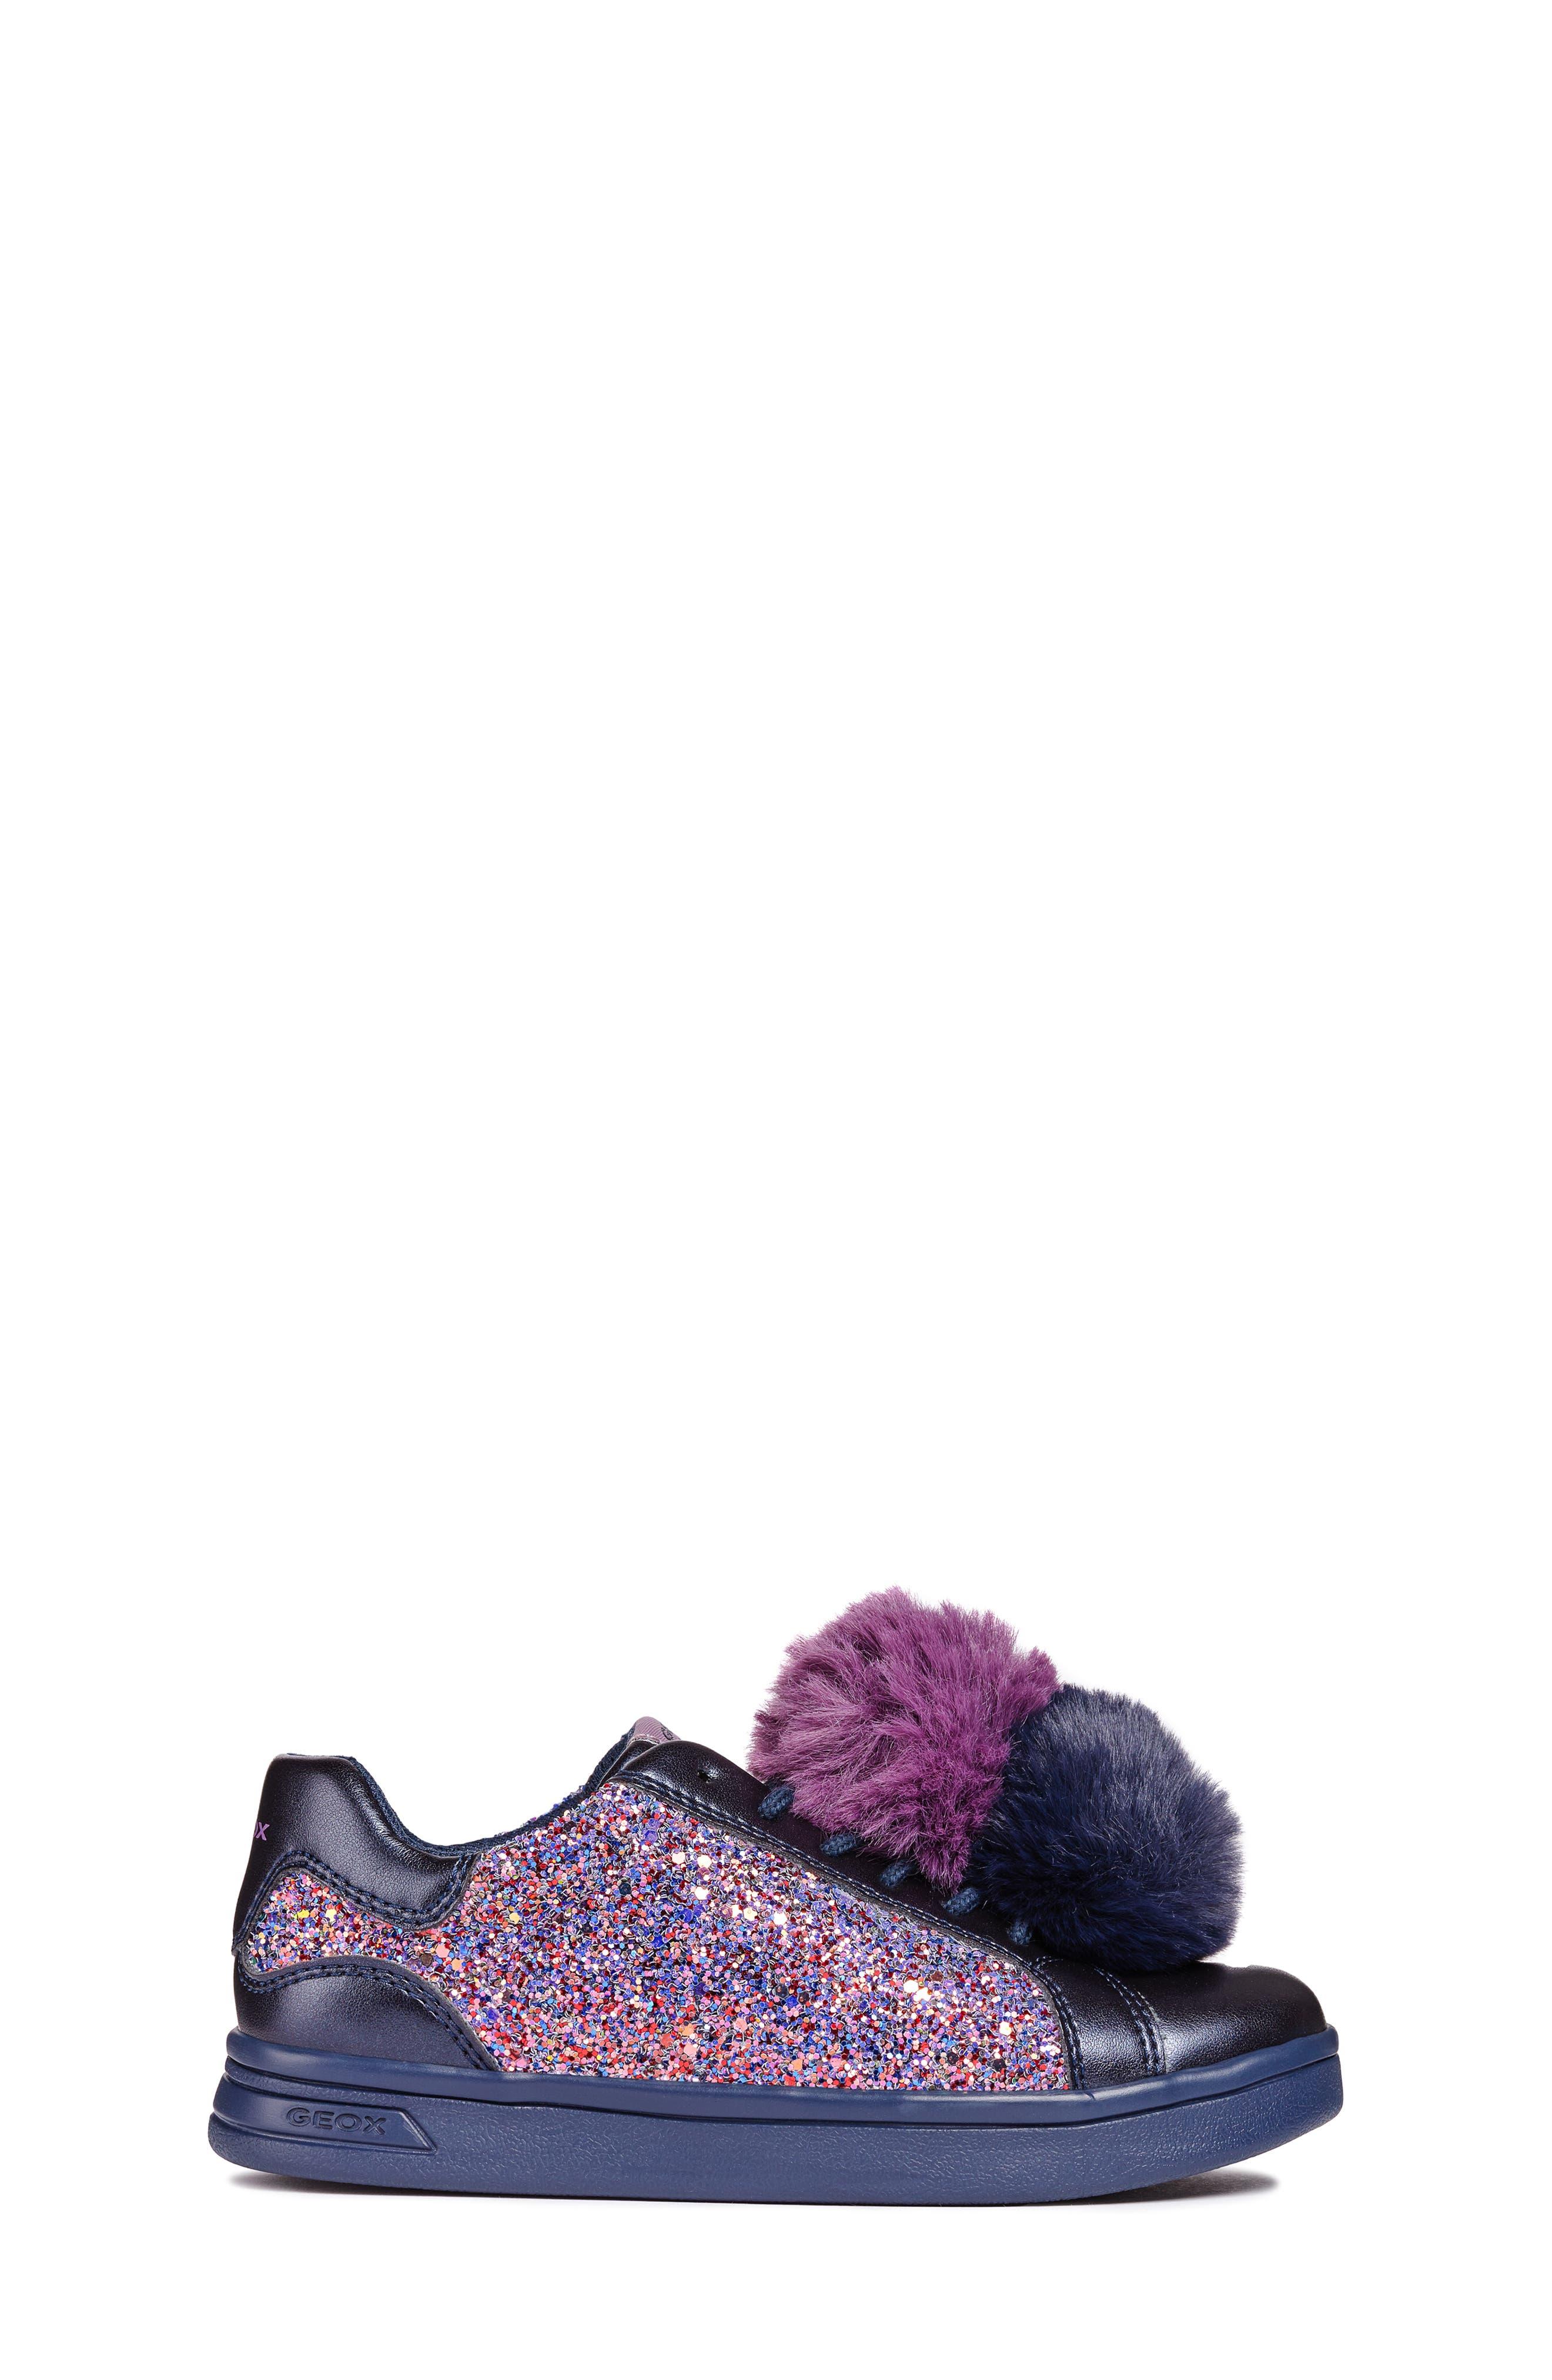 DJ Rock Glitter Pompom Sneaker,                             Alternate thumbnail 3, color,                             NAVY/LT PRUNE